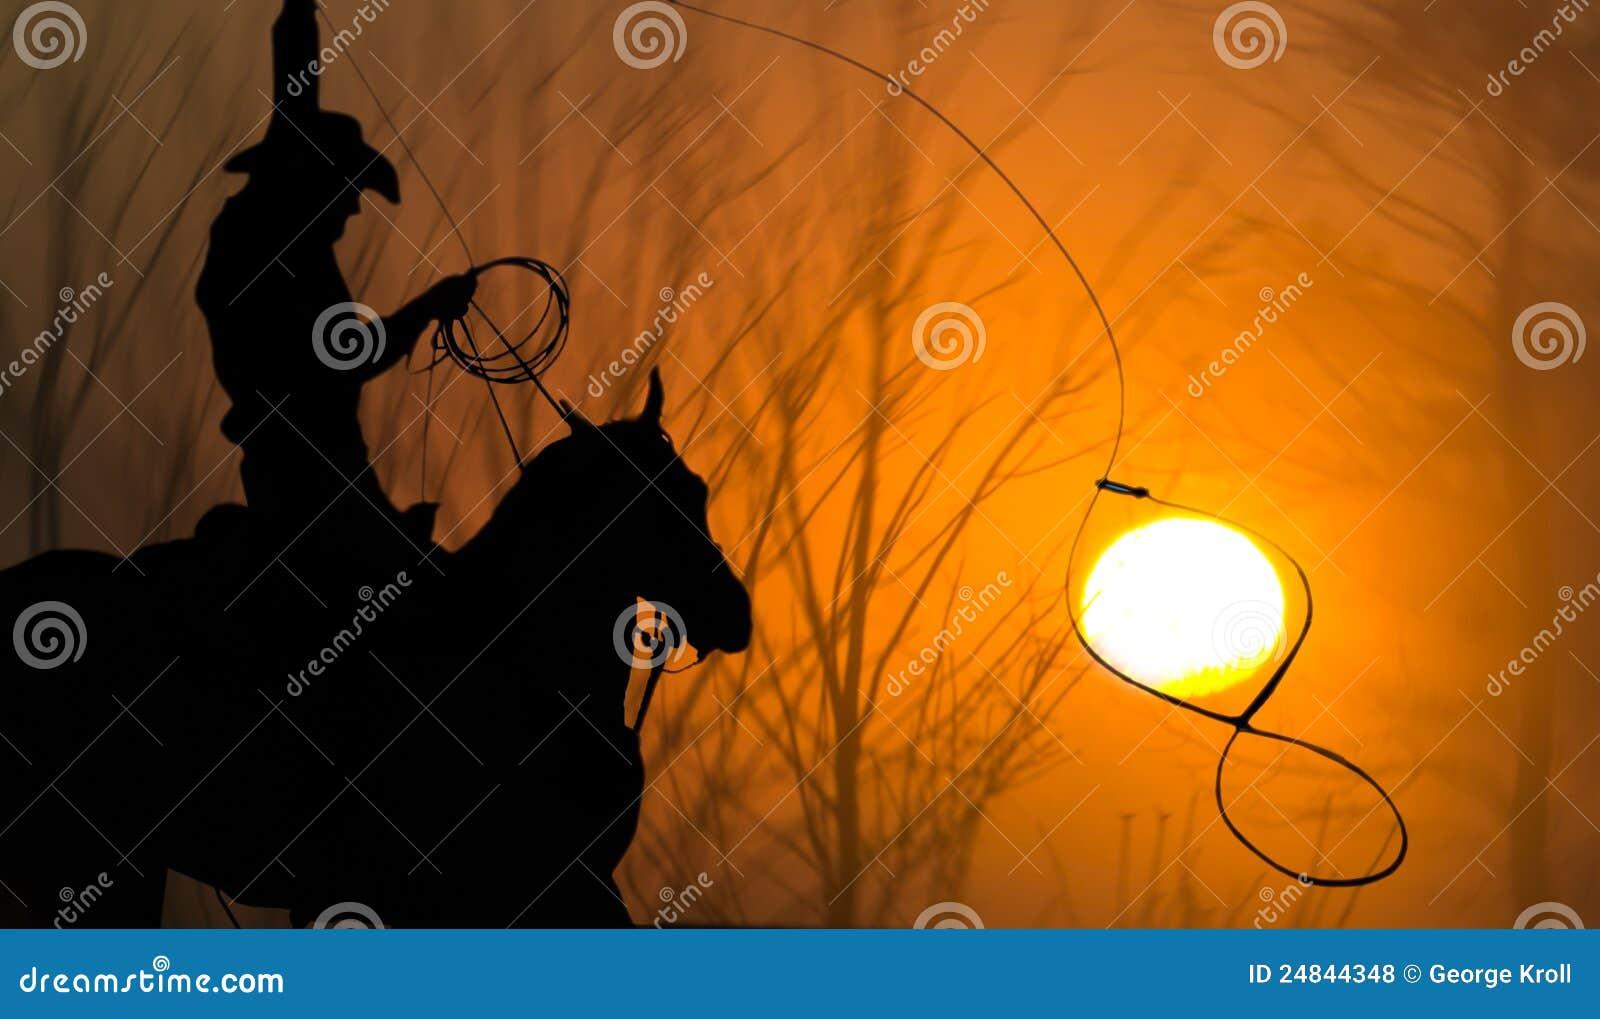 Cowboy auf dem Pferd Lasso, der Sun Roping ist